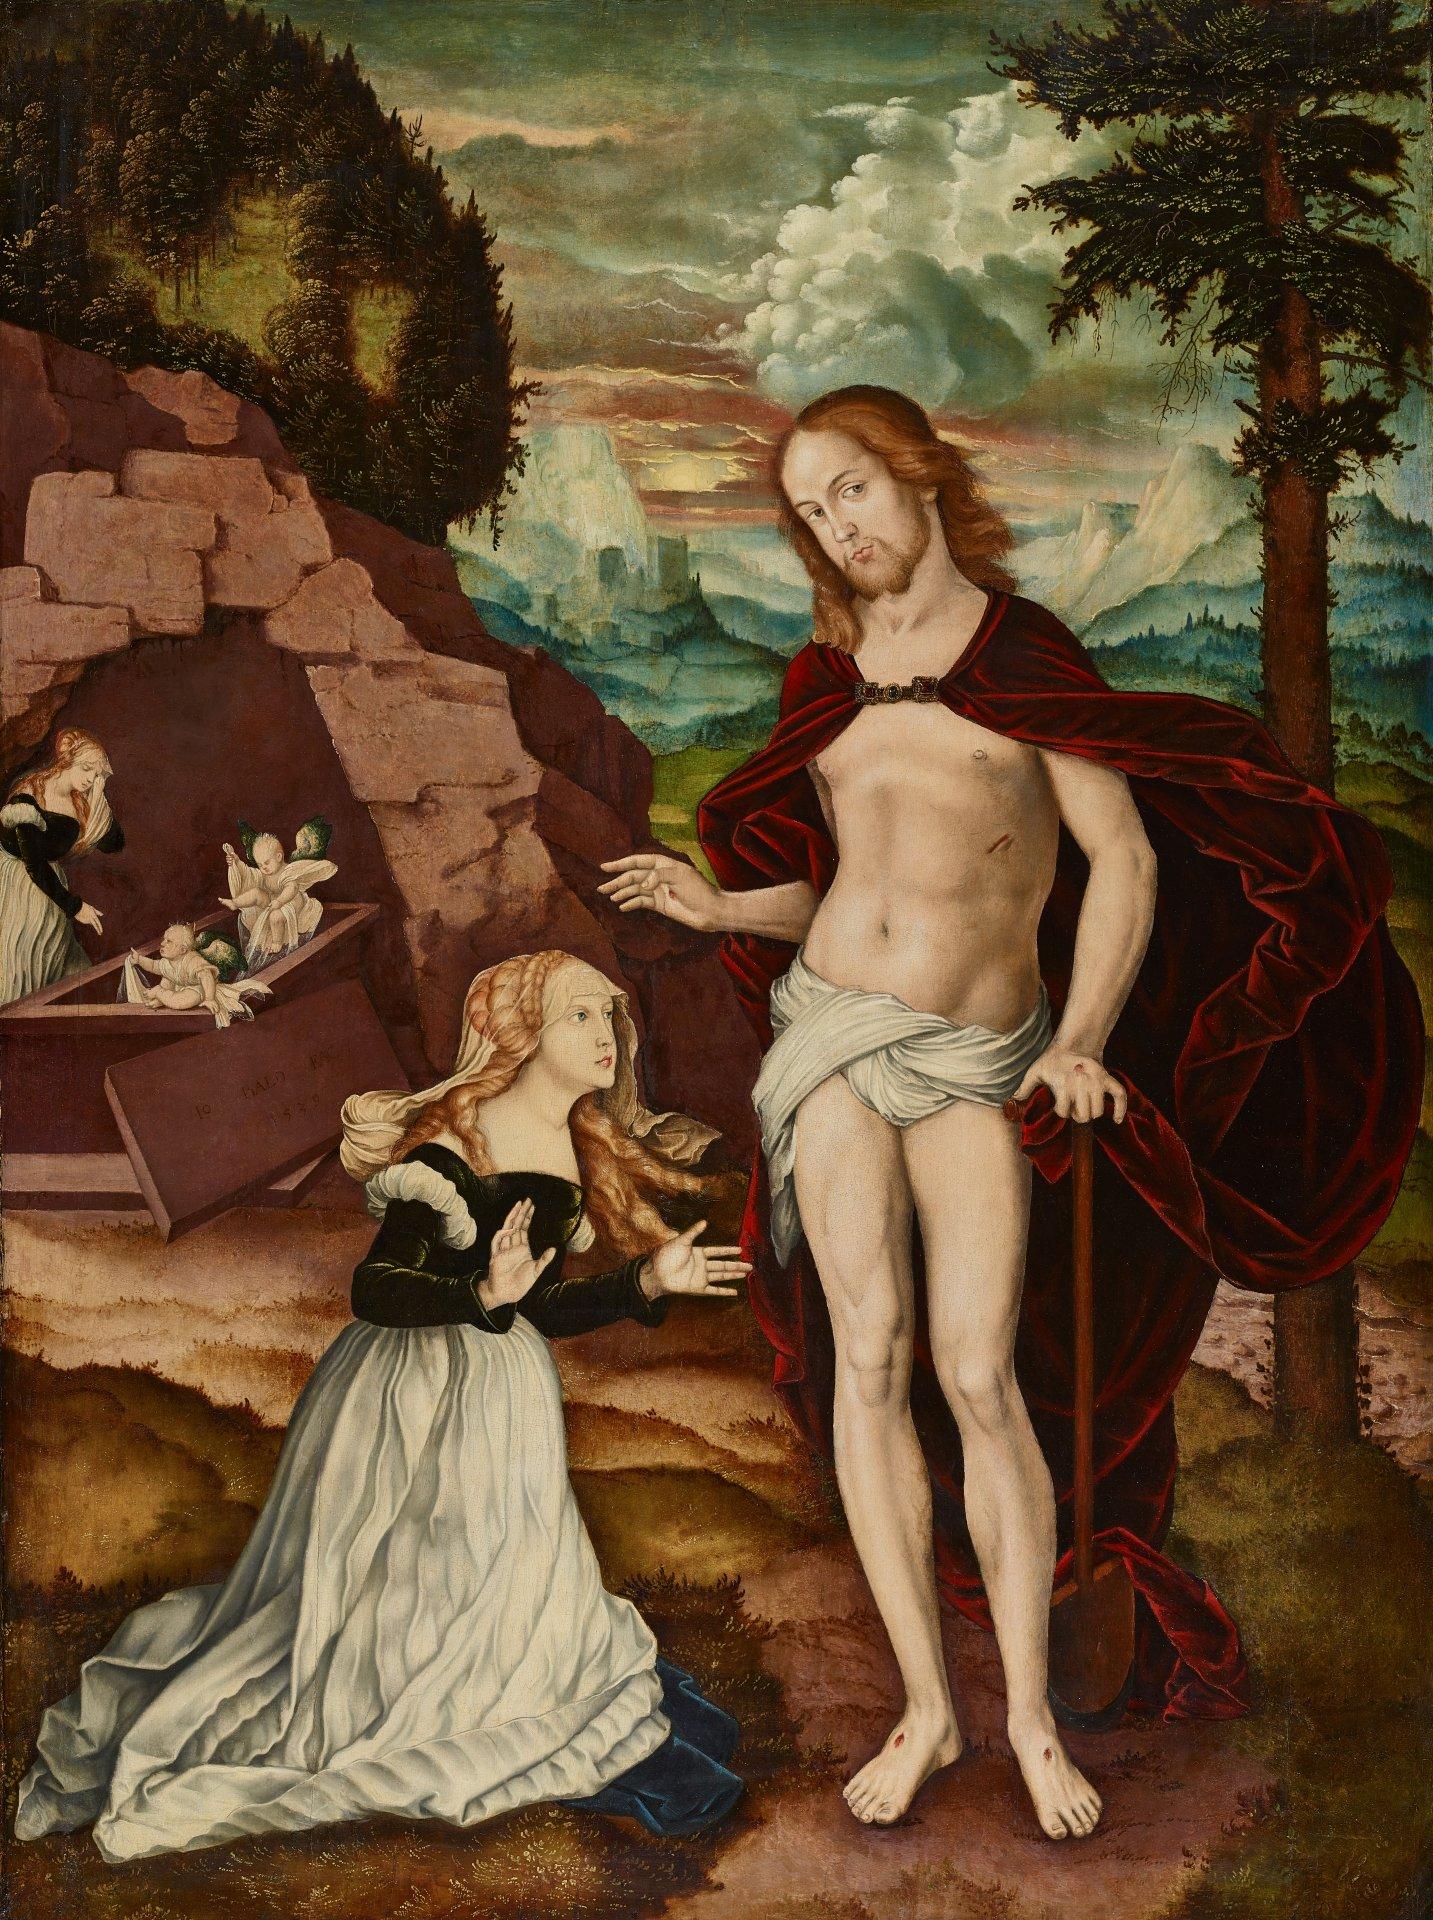 Abbildung des Werks Die Erscheinung des Auferstandenen vor Maria Magdalena (Christus als Gärtner) des Renaissance-Künstlers Hans Baldung Grien aus dem Jahr 1539